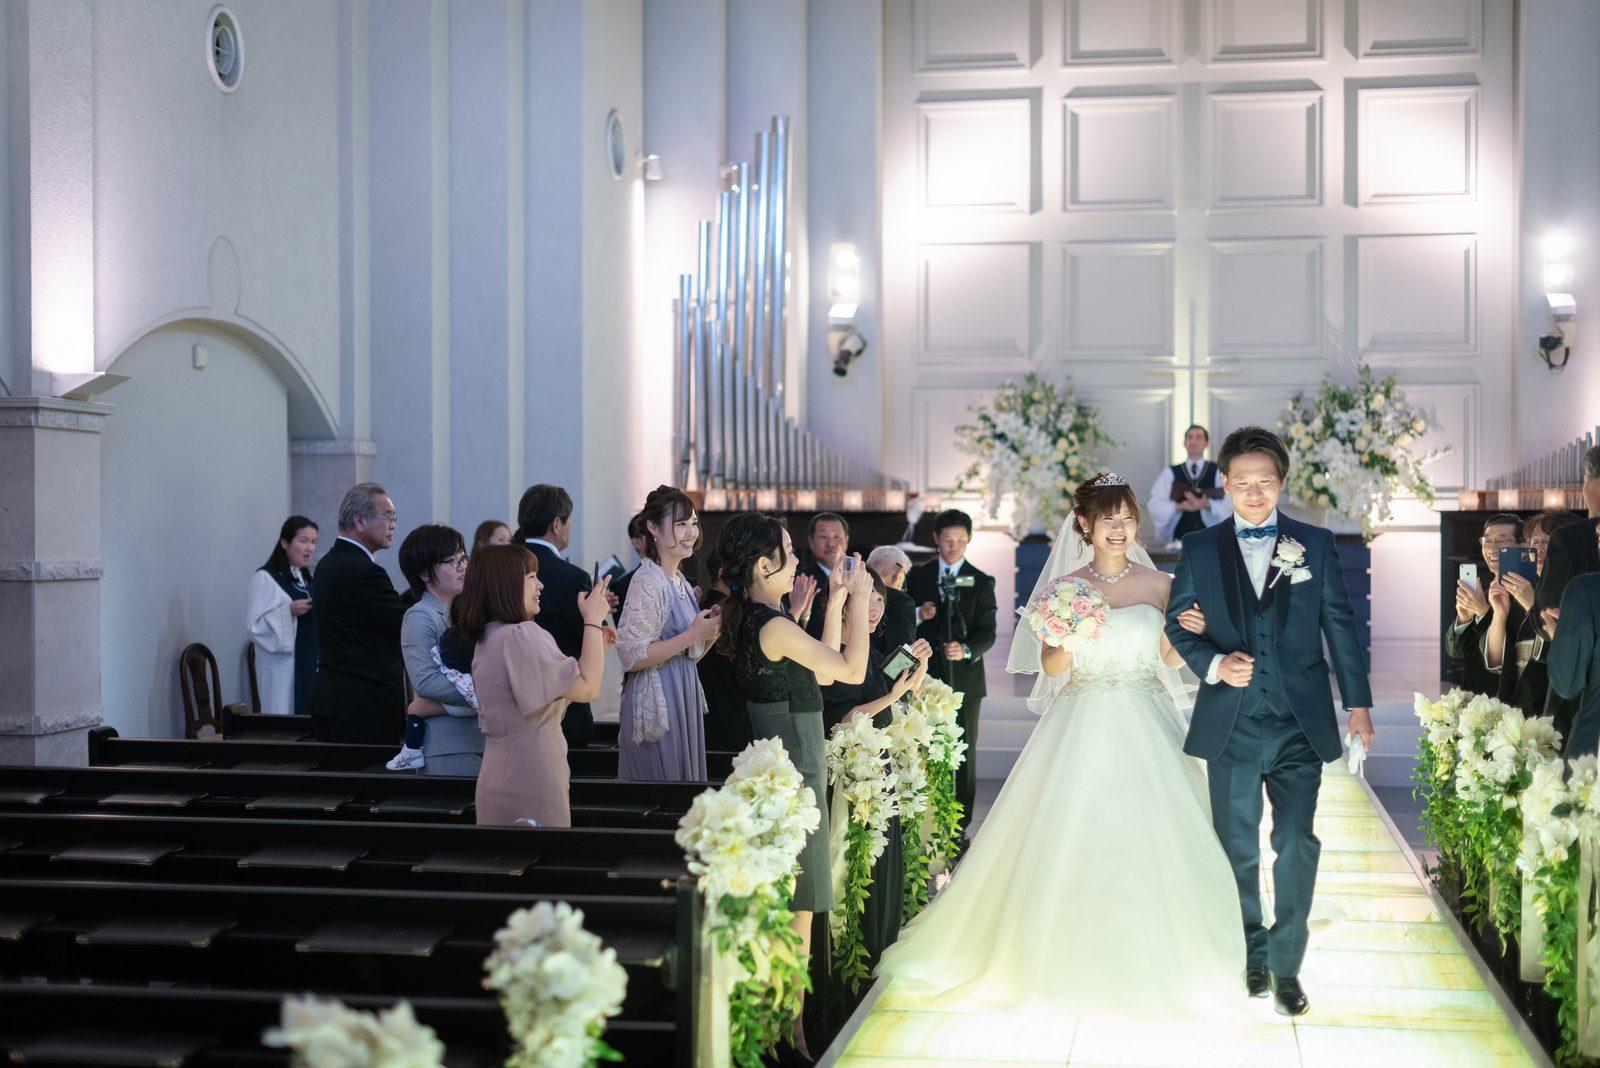 香川県の結婚式場のシェルエメール&アイスタイルの挙式退場